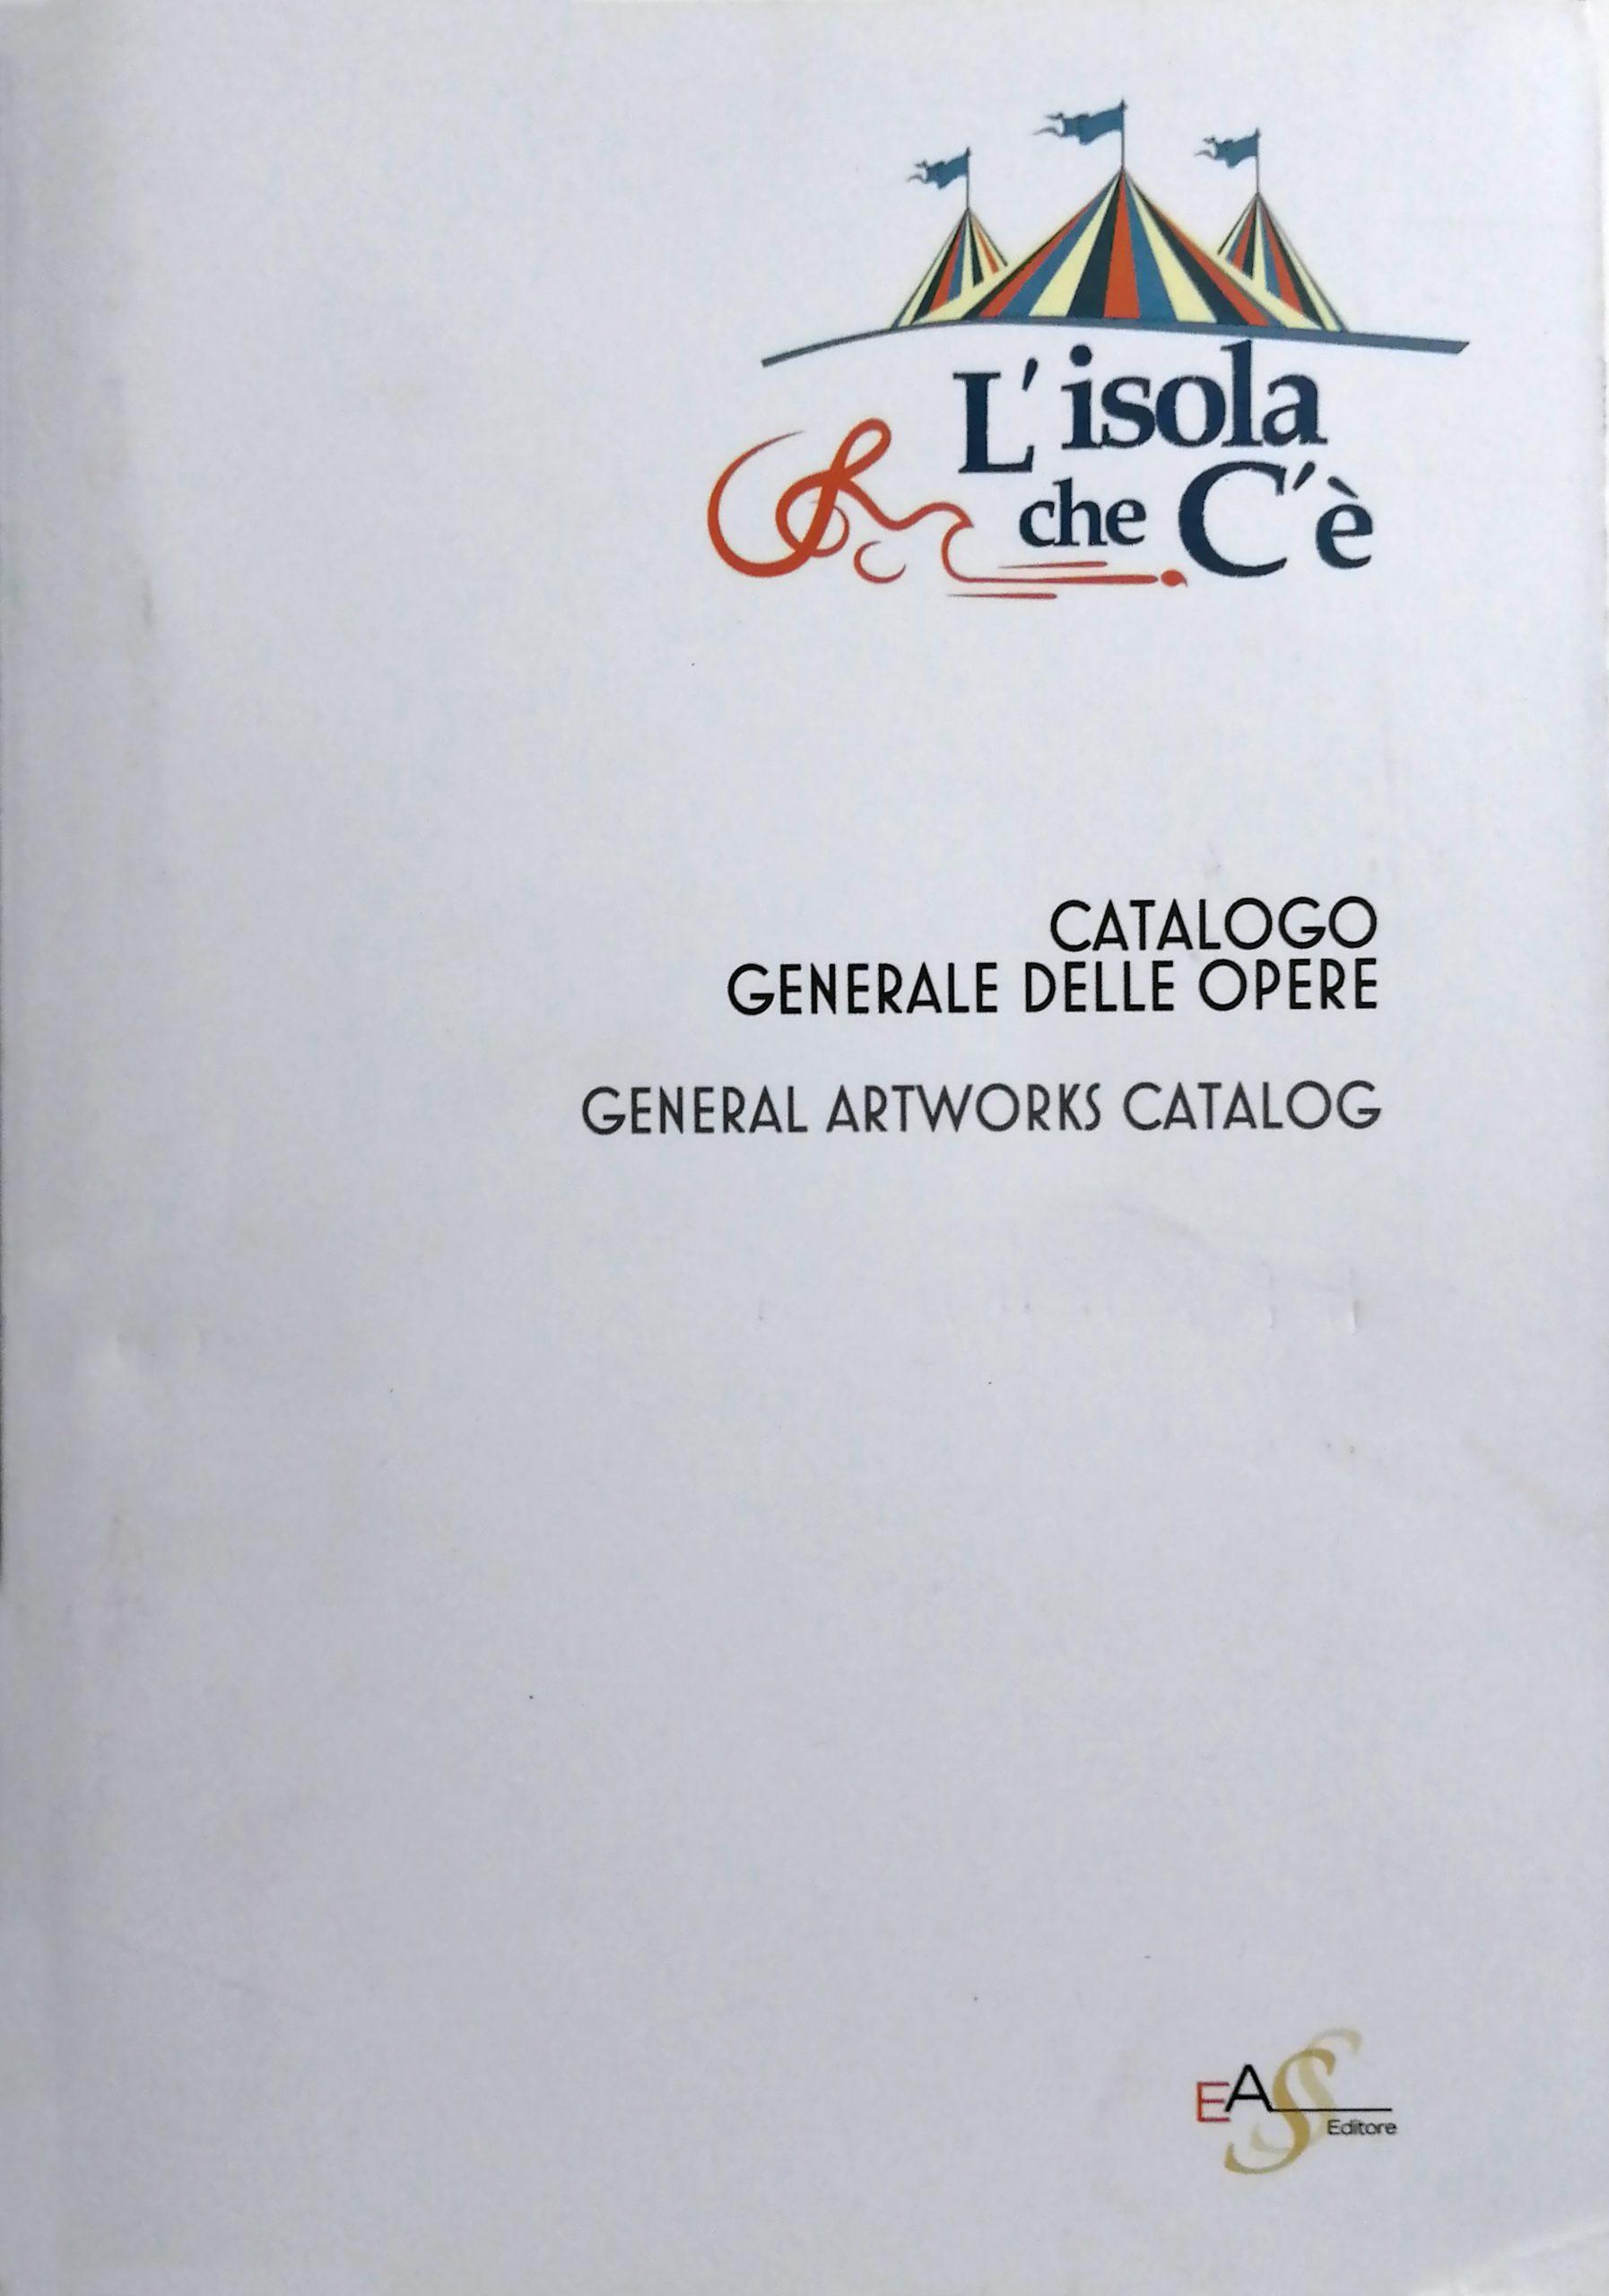 2005 LIsola che cè Villa Castelnuovo Palermo scaled - Bibliography/ Catalogues